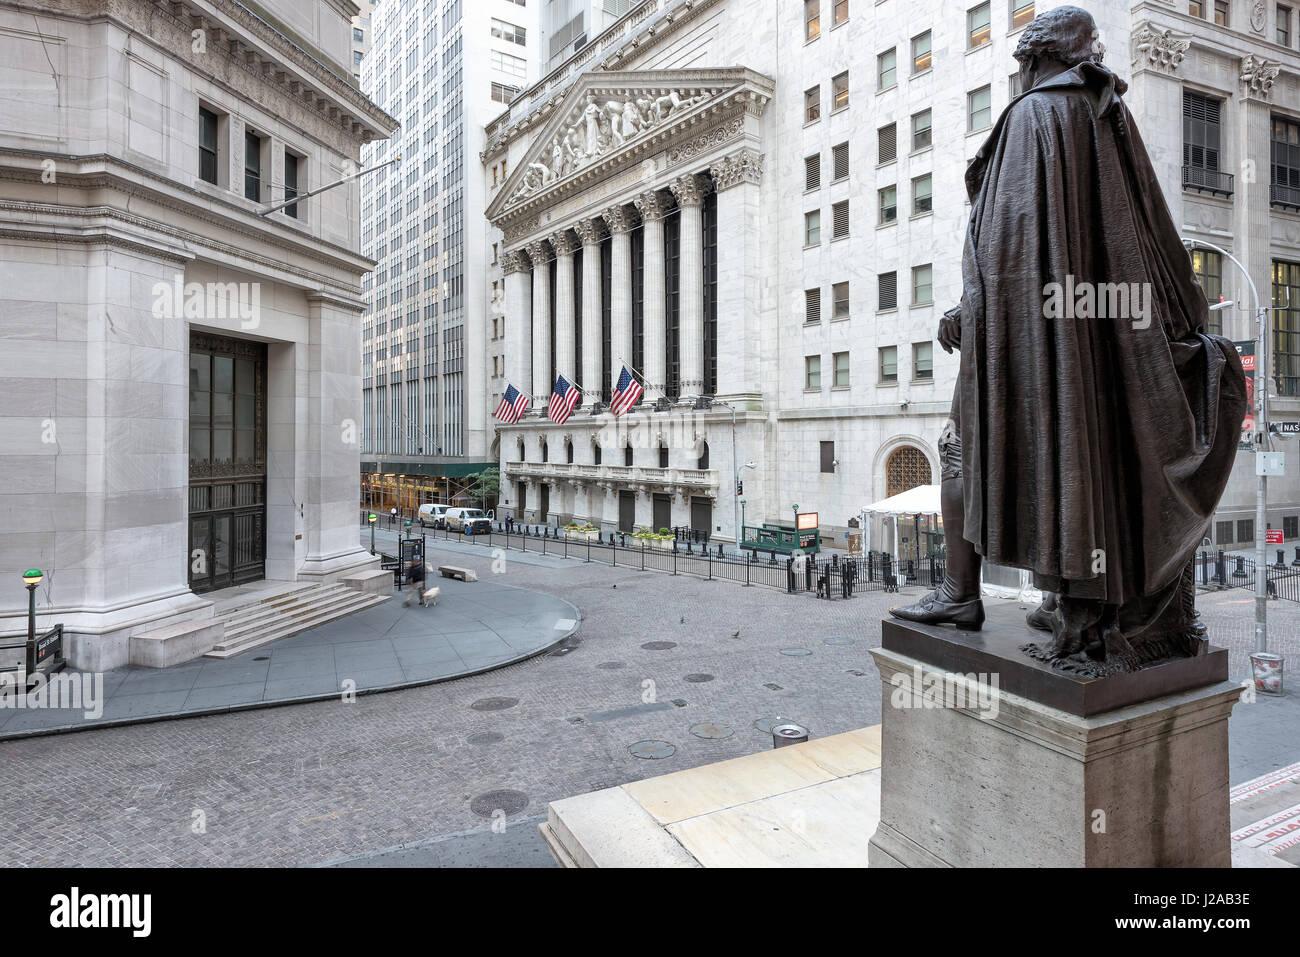 Une vue de Wall Street depuis les marches de la salle sur une journée ensoleillée à New York, NY. Photo Stock